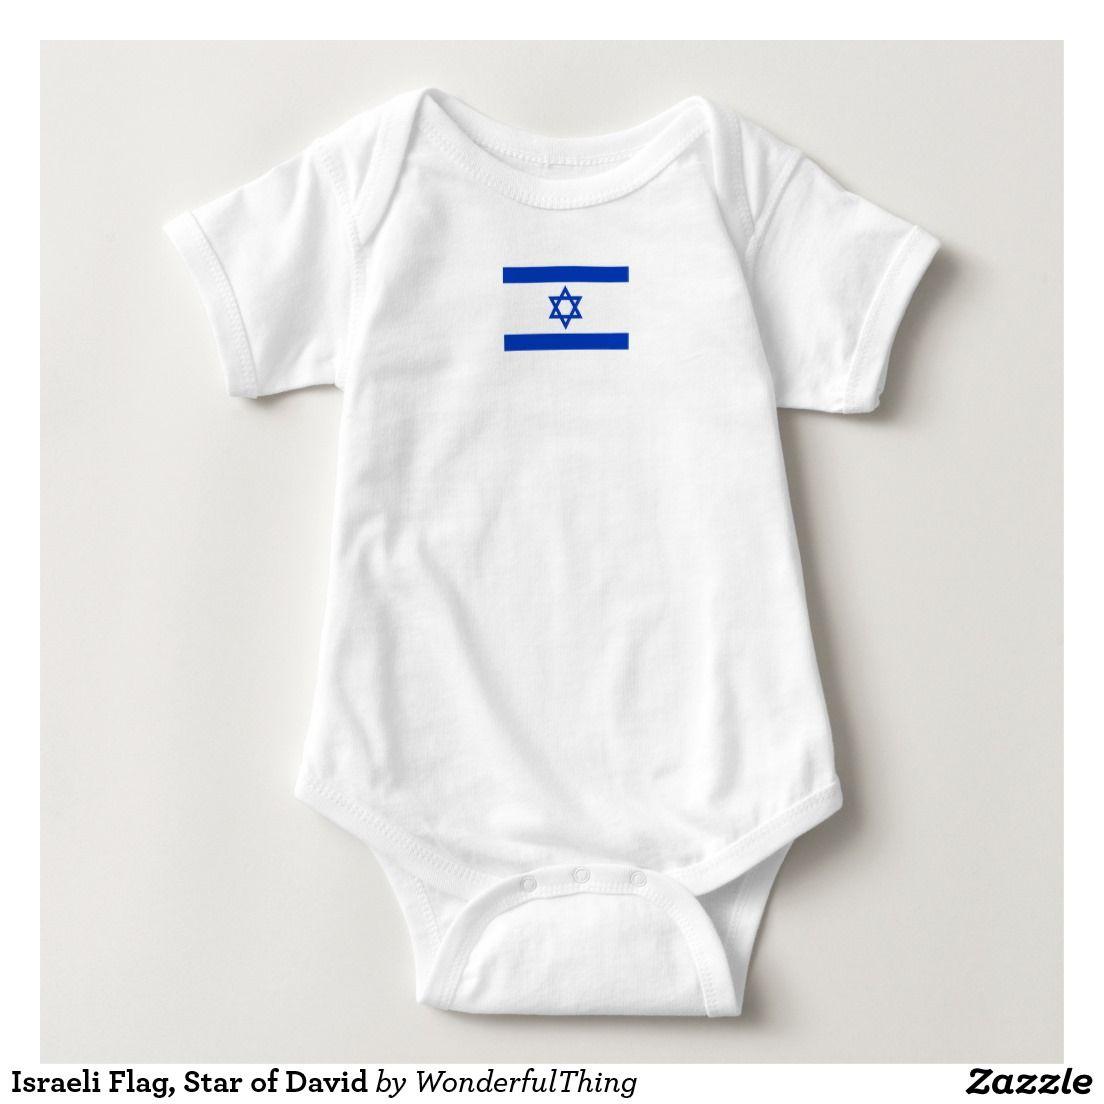 Zazzle t shirt design size - Zazzle T Shirt Design Size 35